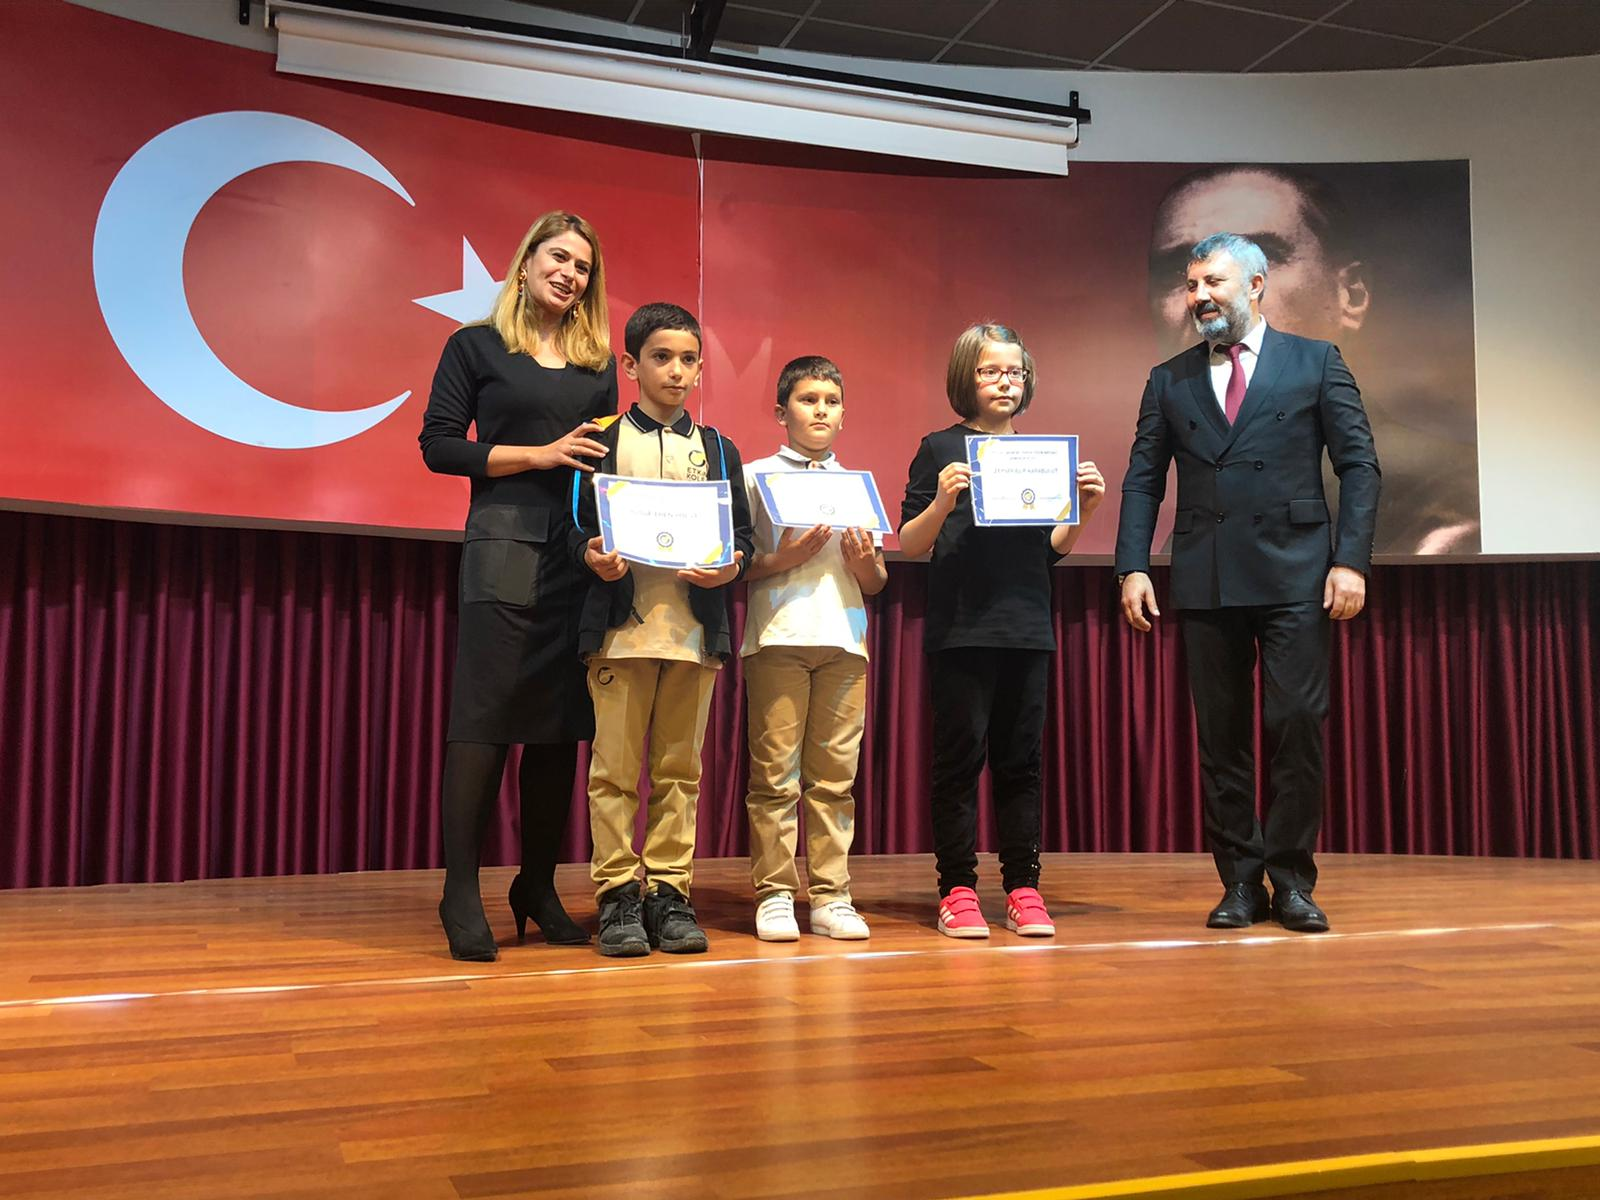 Etkin Kolej | Eskişehir Etkin Kolej öğrencileri 29 Ekim Cumhuriyet Bayramı'nı Büyük Bir Coşkuyla Kutladı